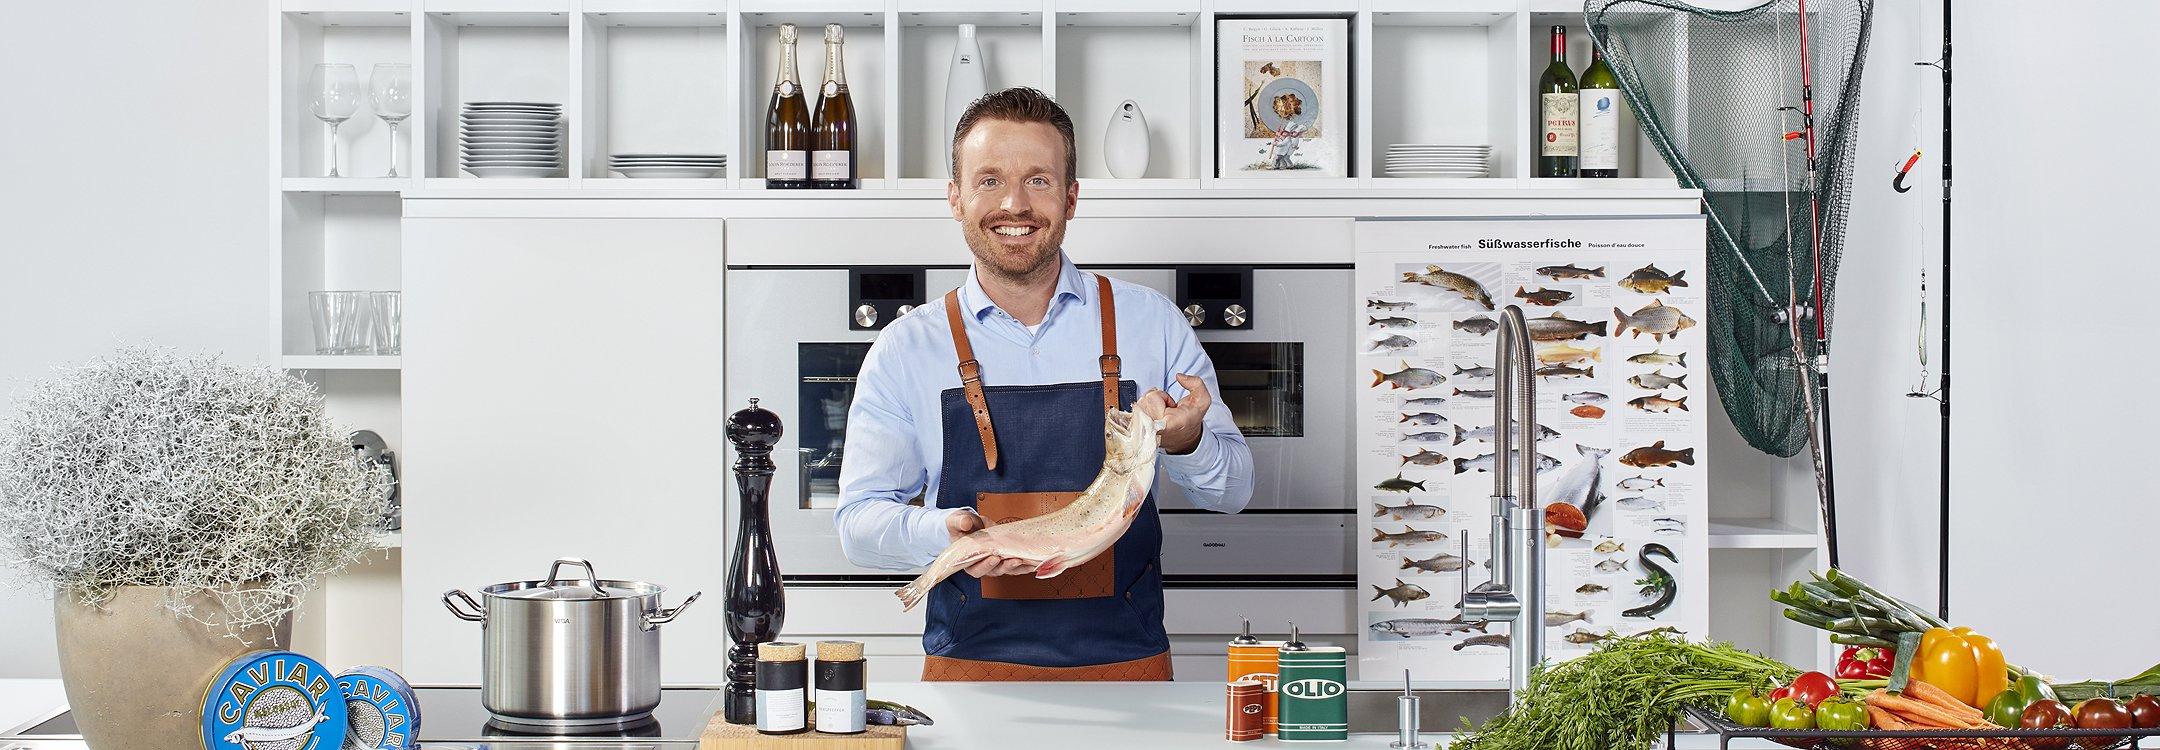 Dreiklang Fischrestaurant Mann mit Schürze